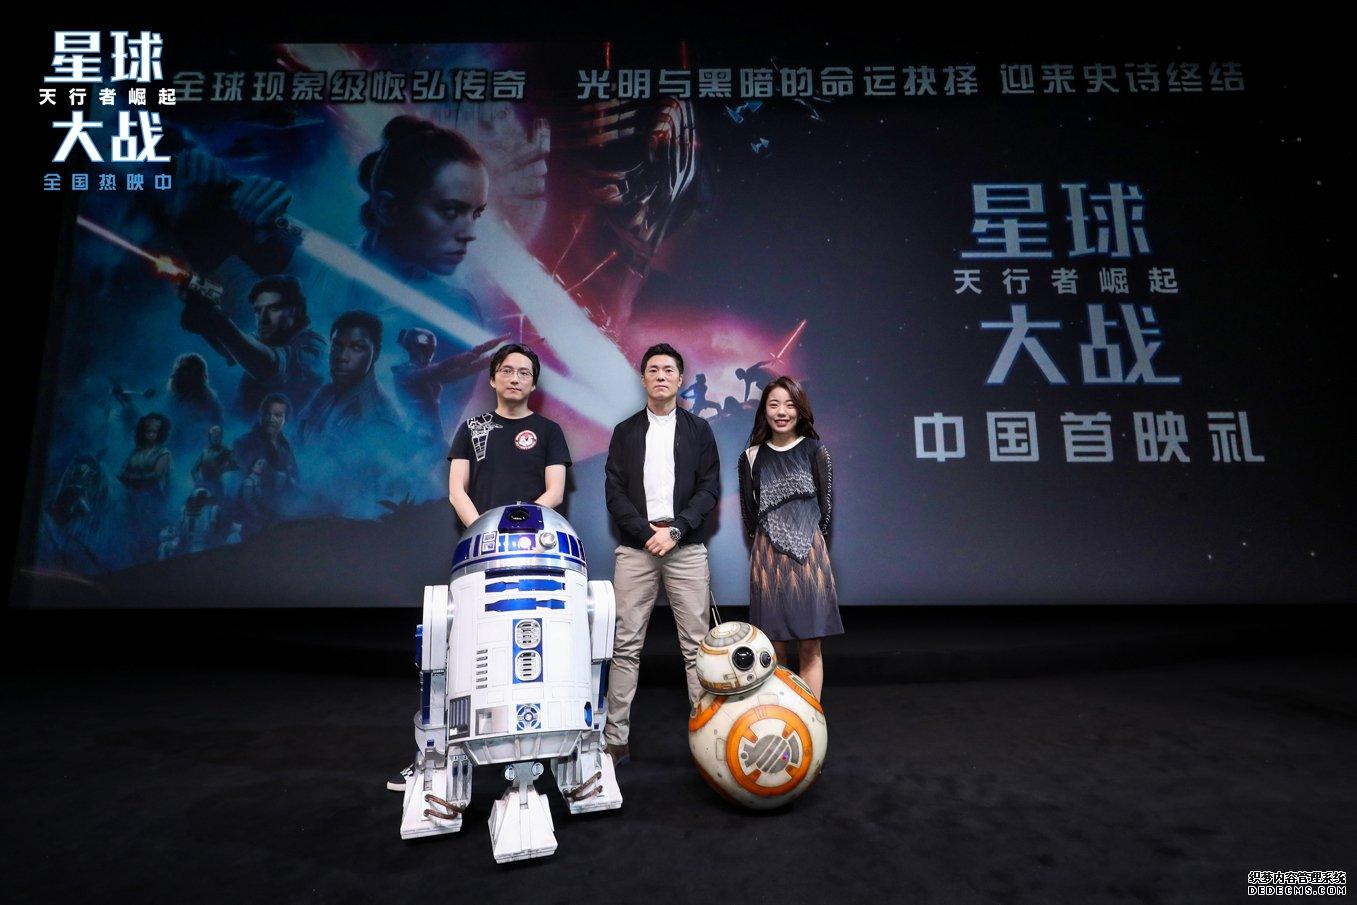 《星球大战9》上海首映 蒋方舟谈与星战缘分